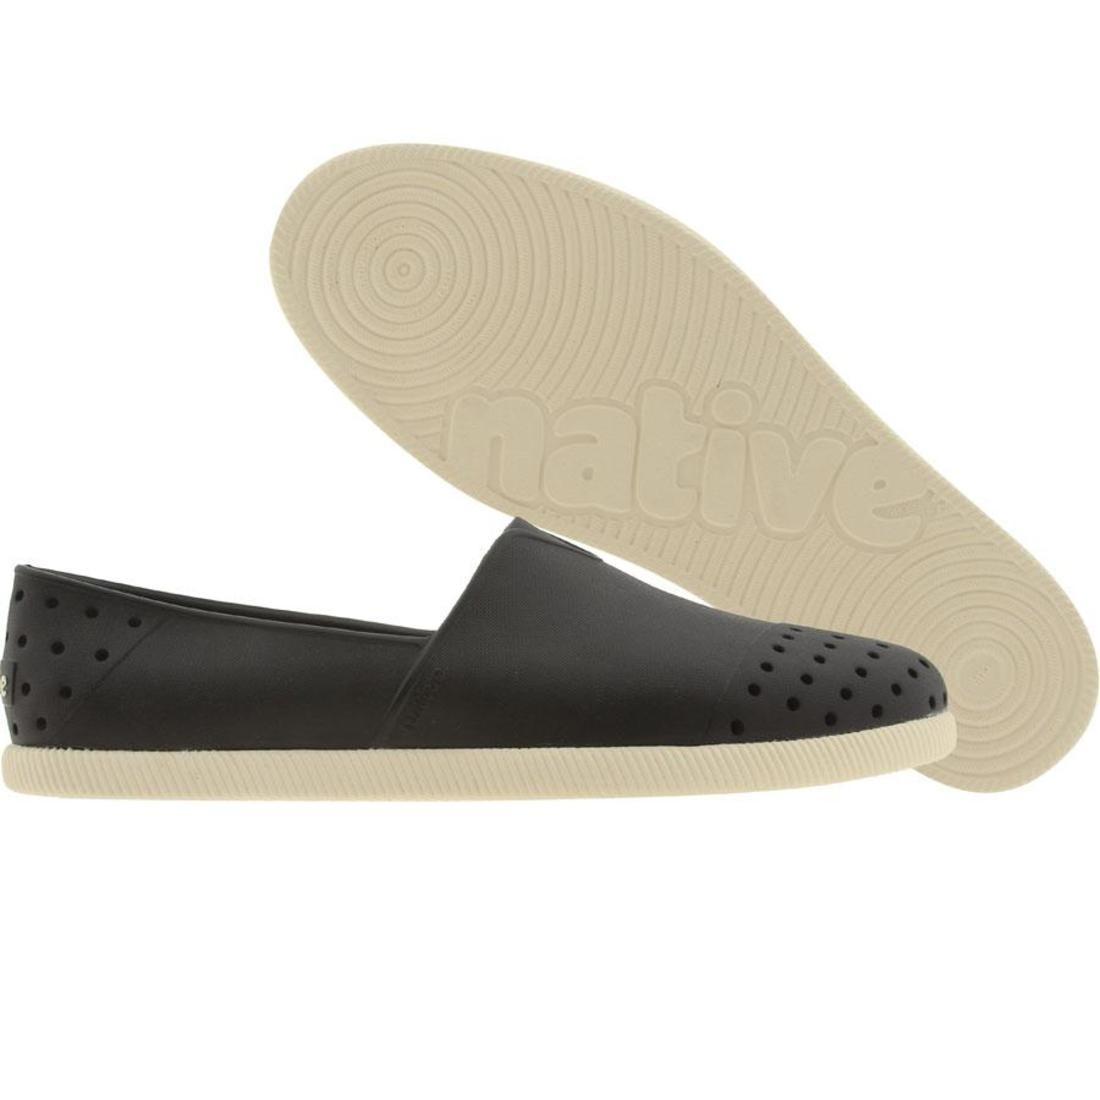 【海外限定】ネイティブ 靴 メンズ靴 【 NATIVE VERONA JIFFY BLACK 】